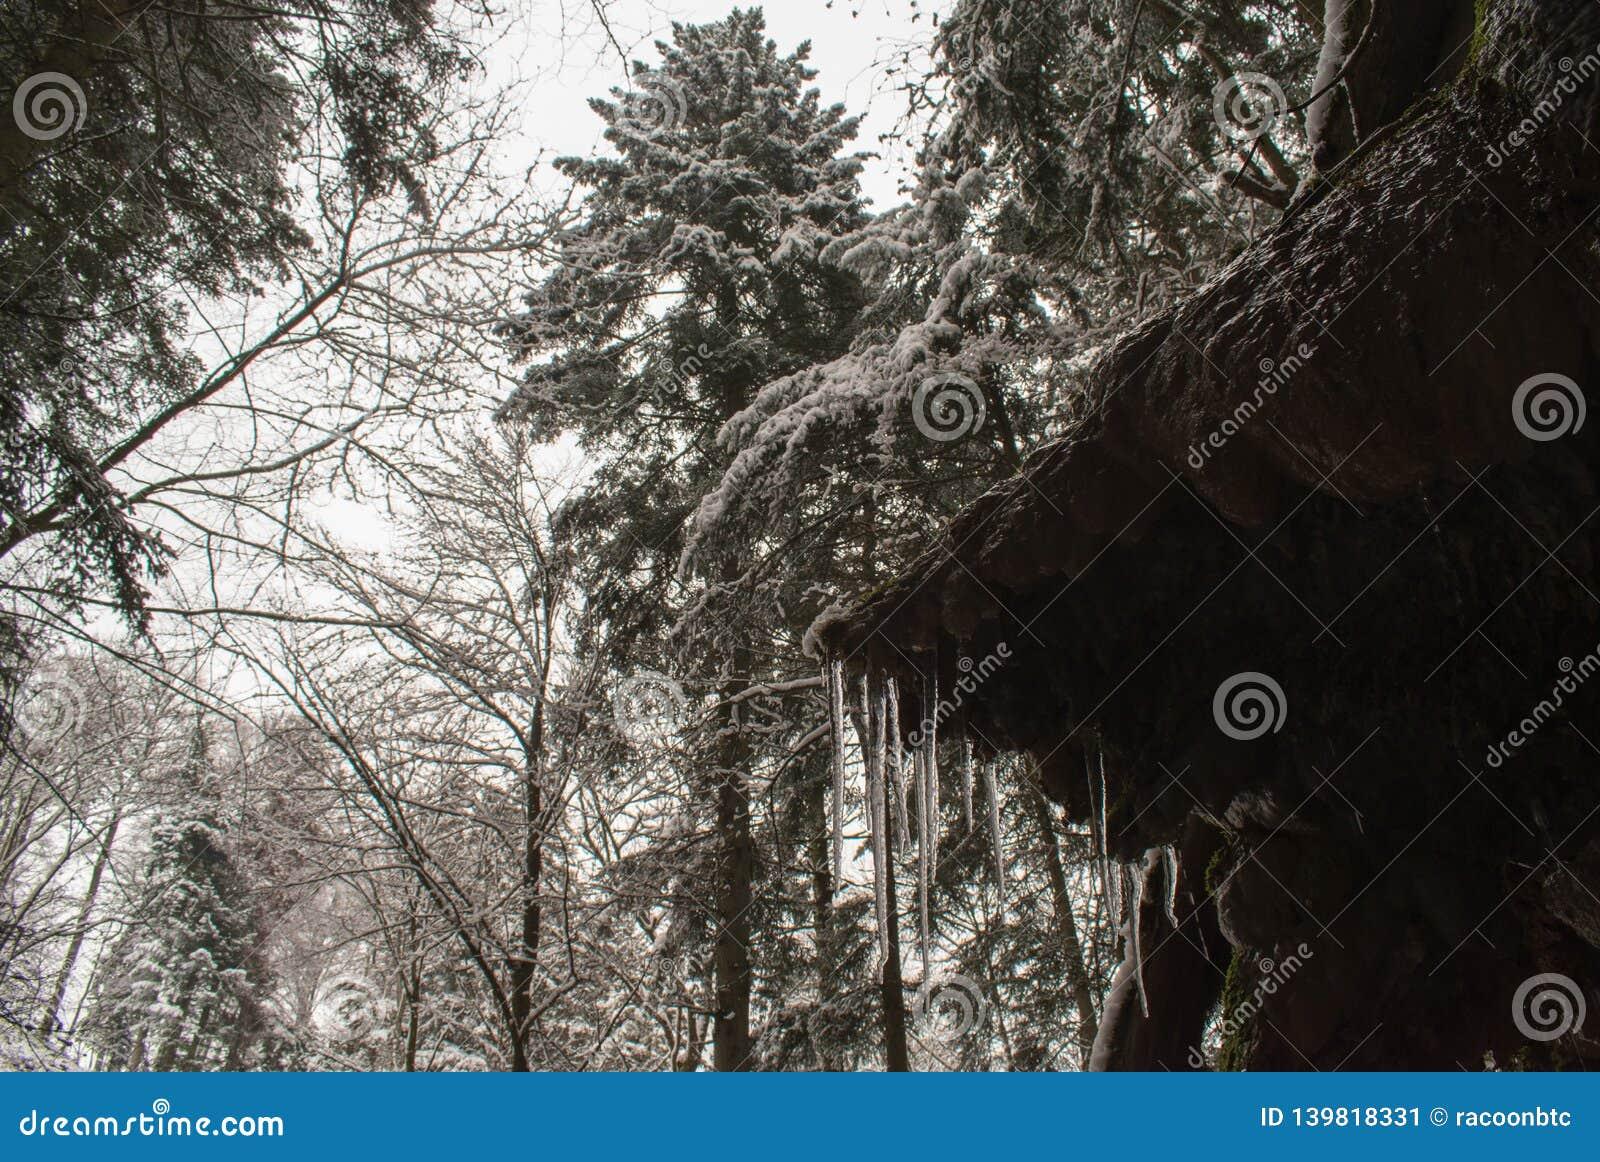 Ghiacciolo e neve fresca in una foresta con gli alberi alti in Svizzera